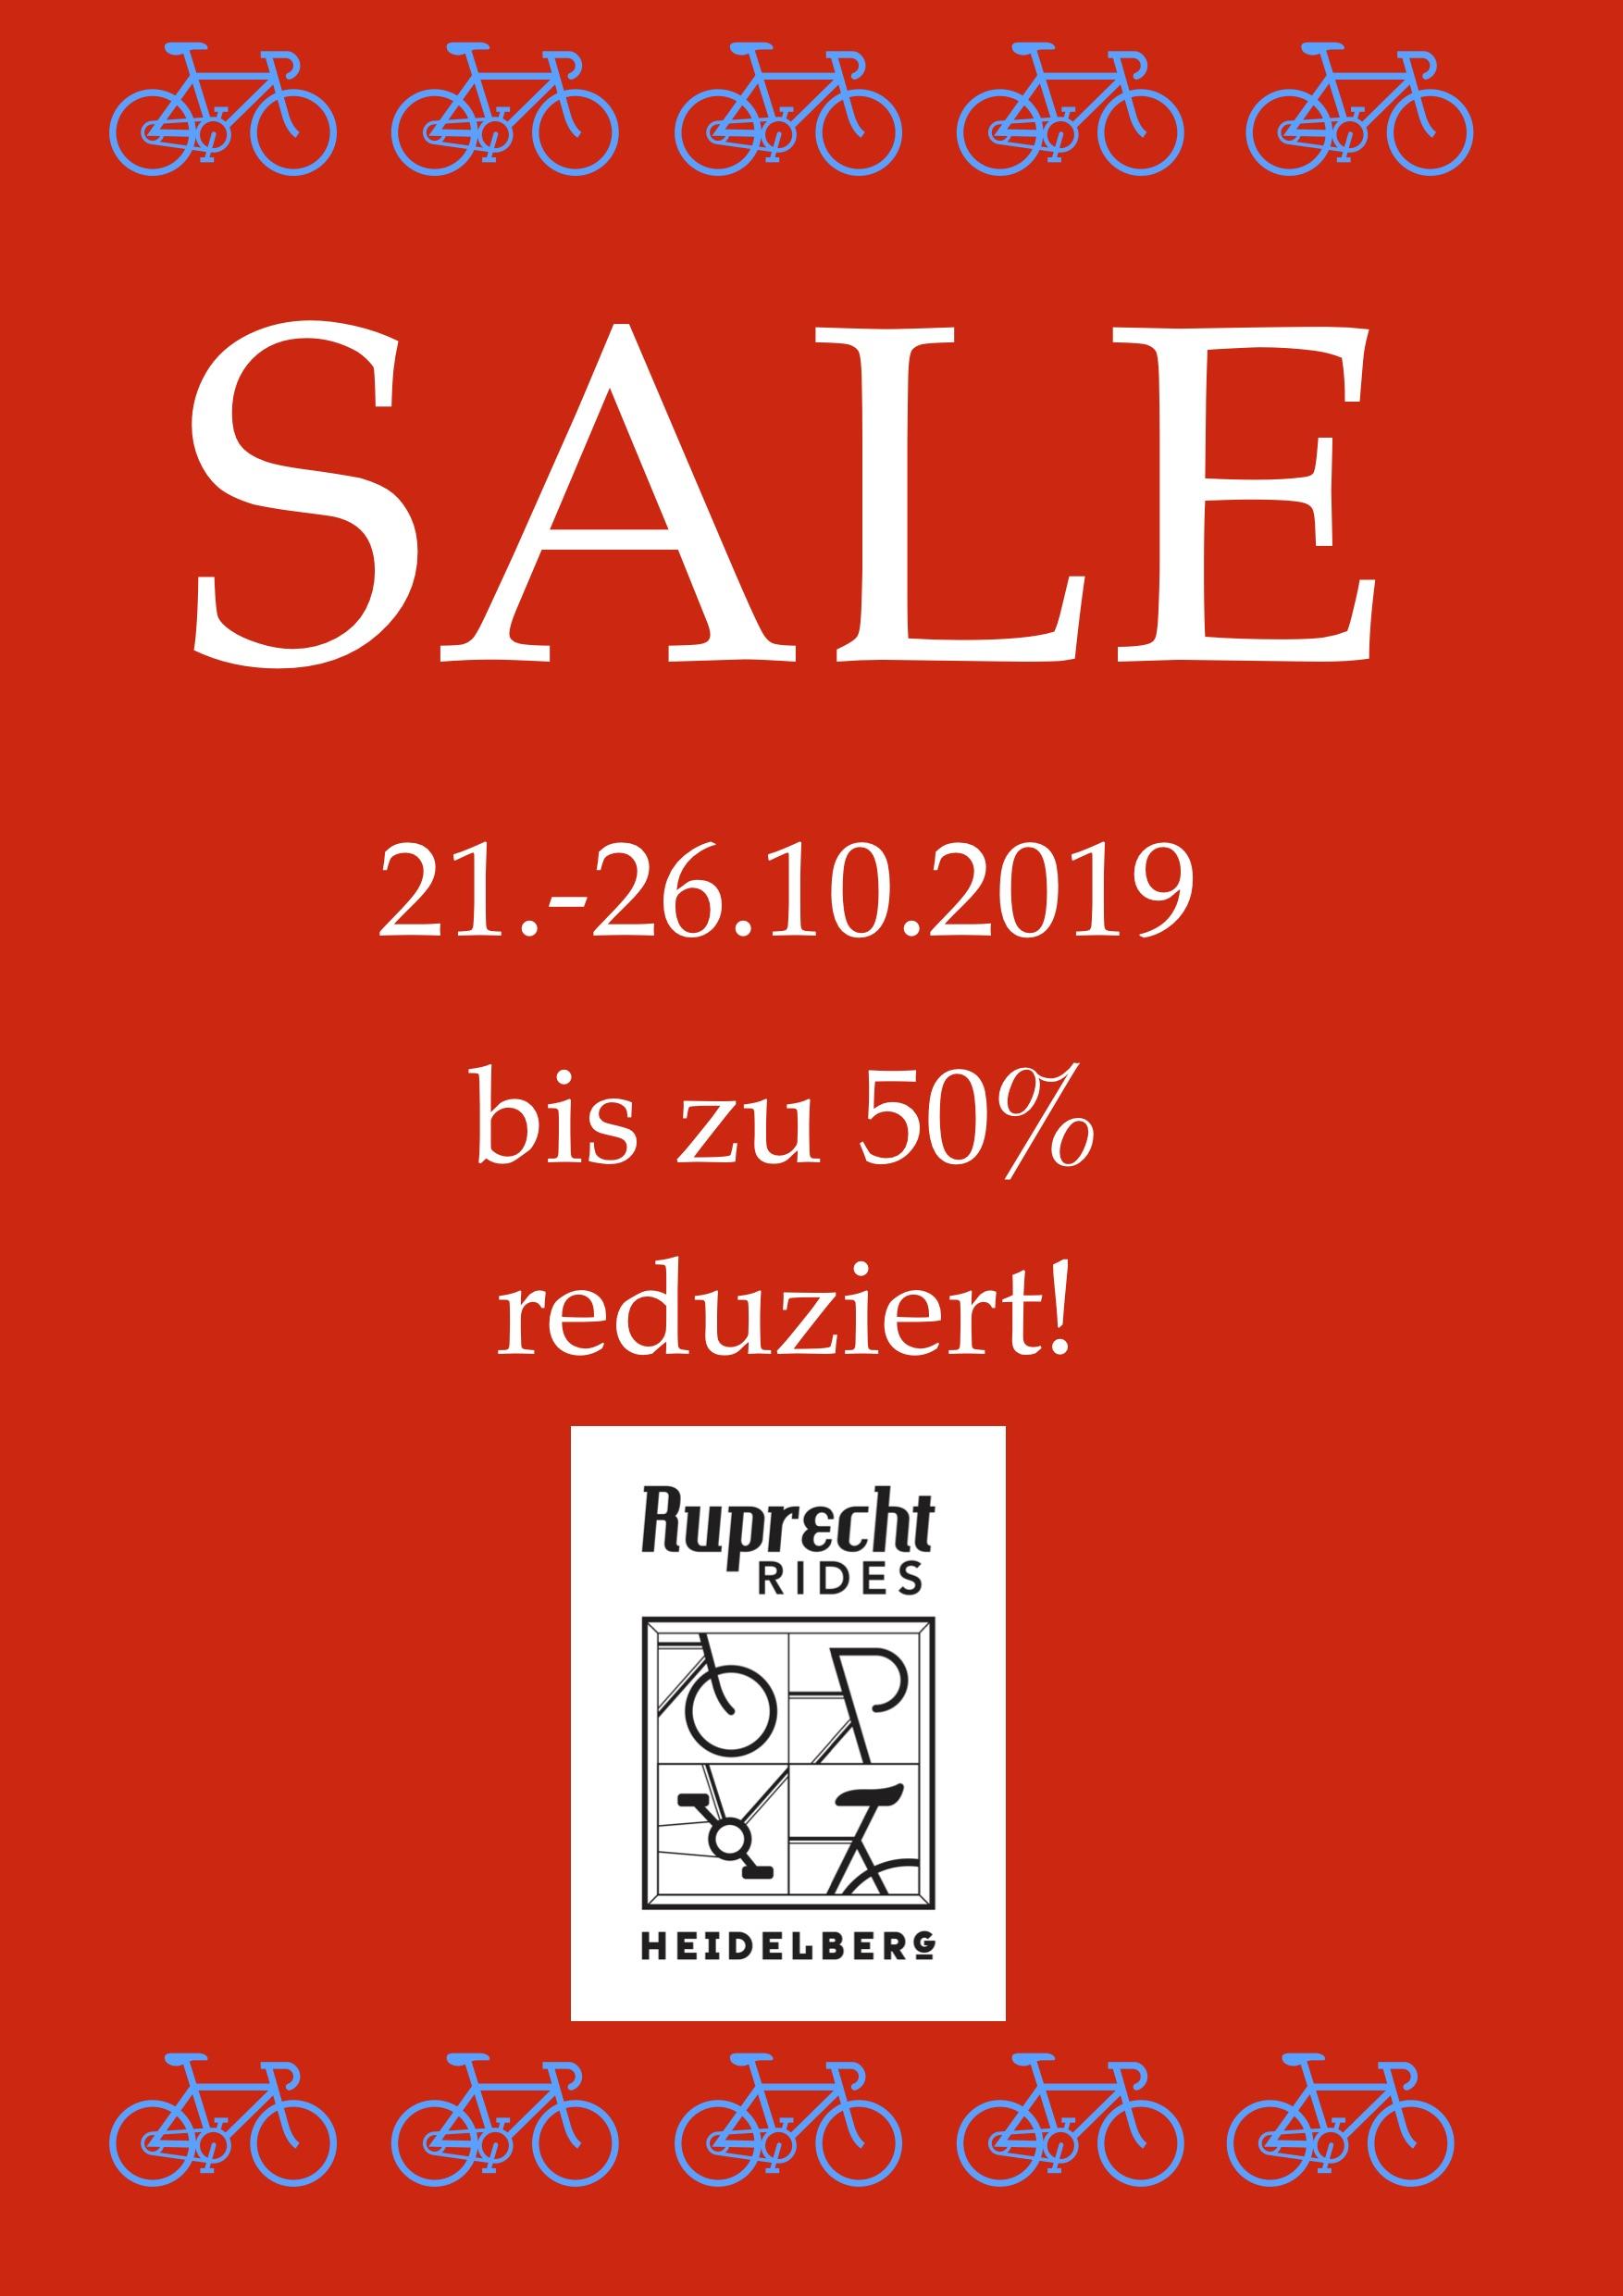 Sale_RuprechtRides_JPEG